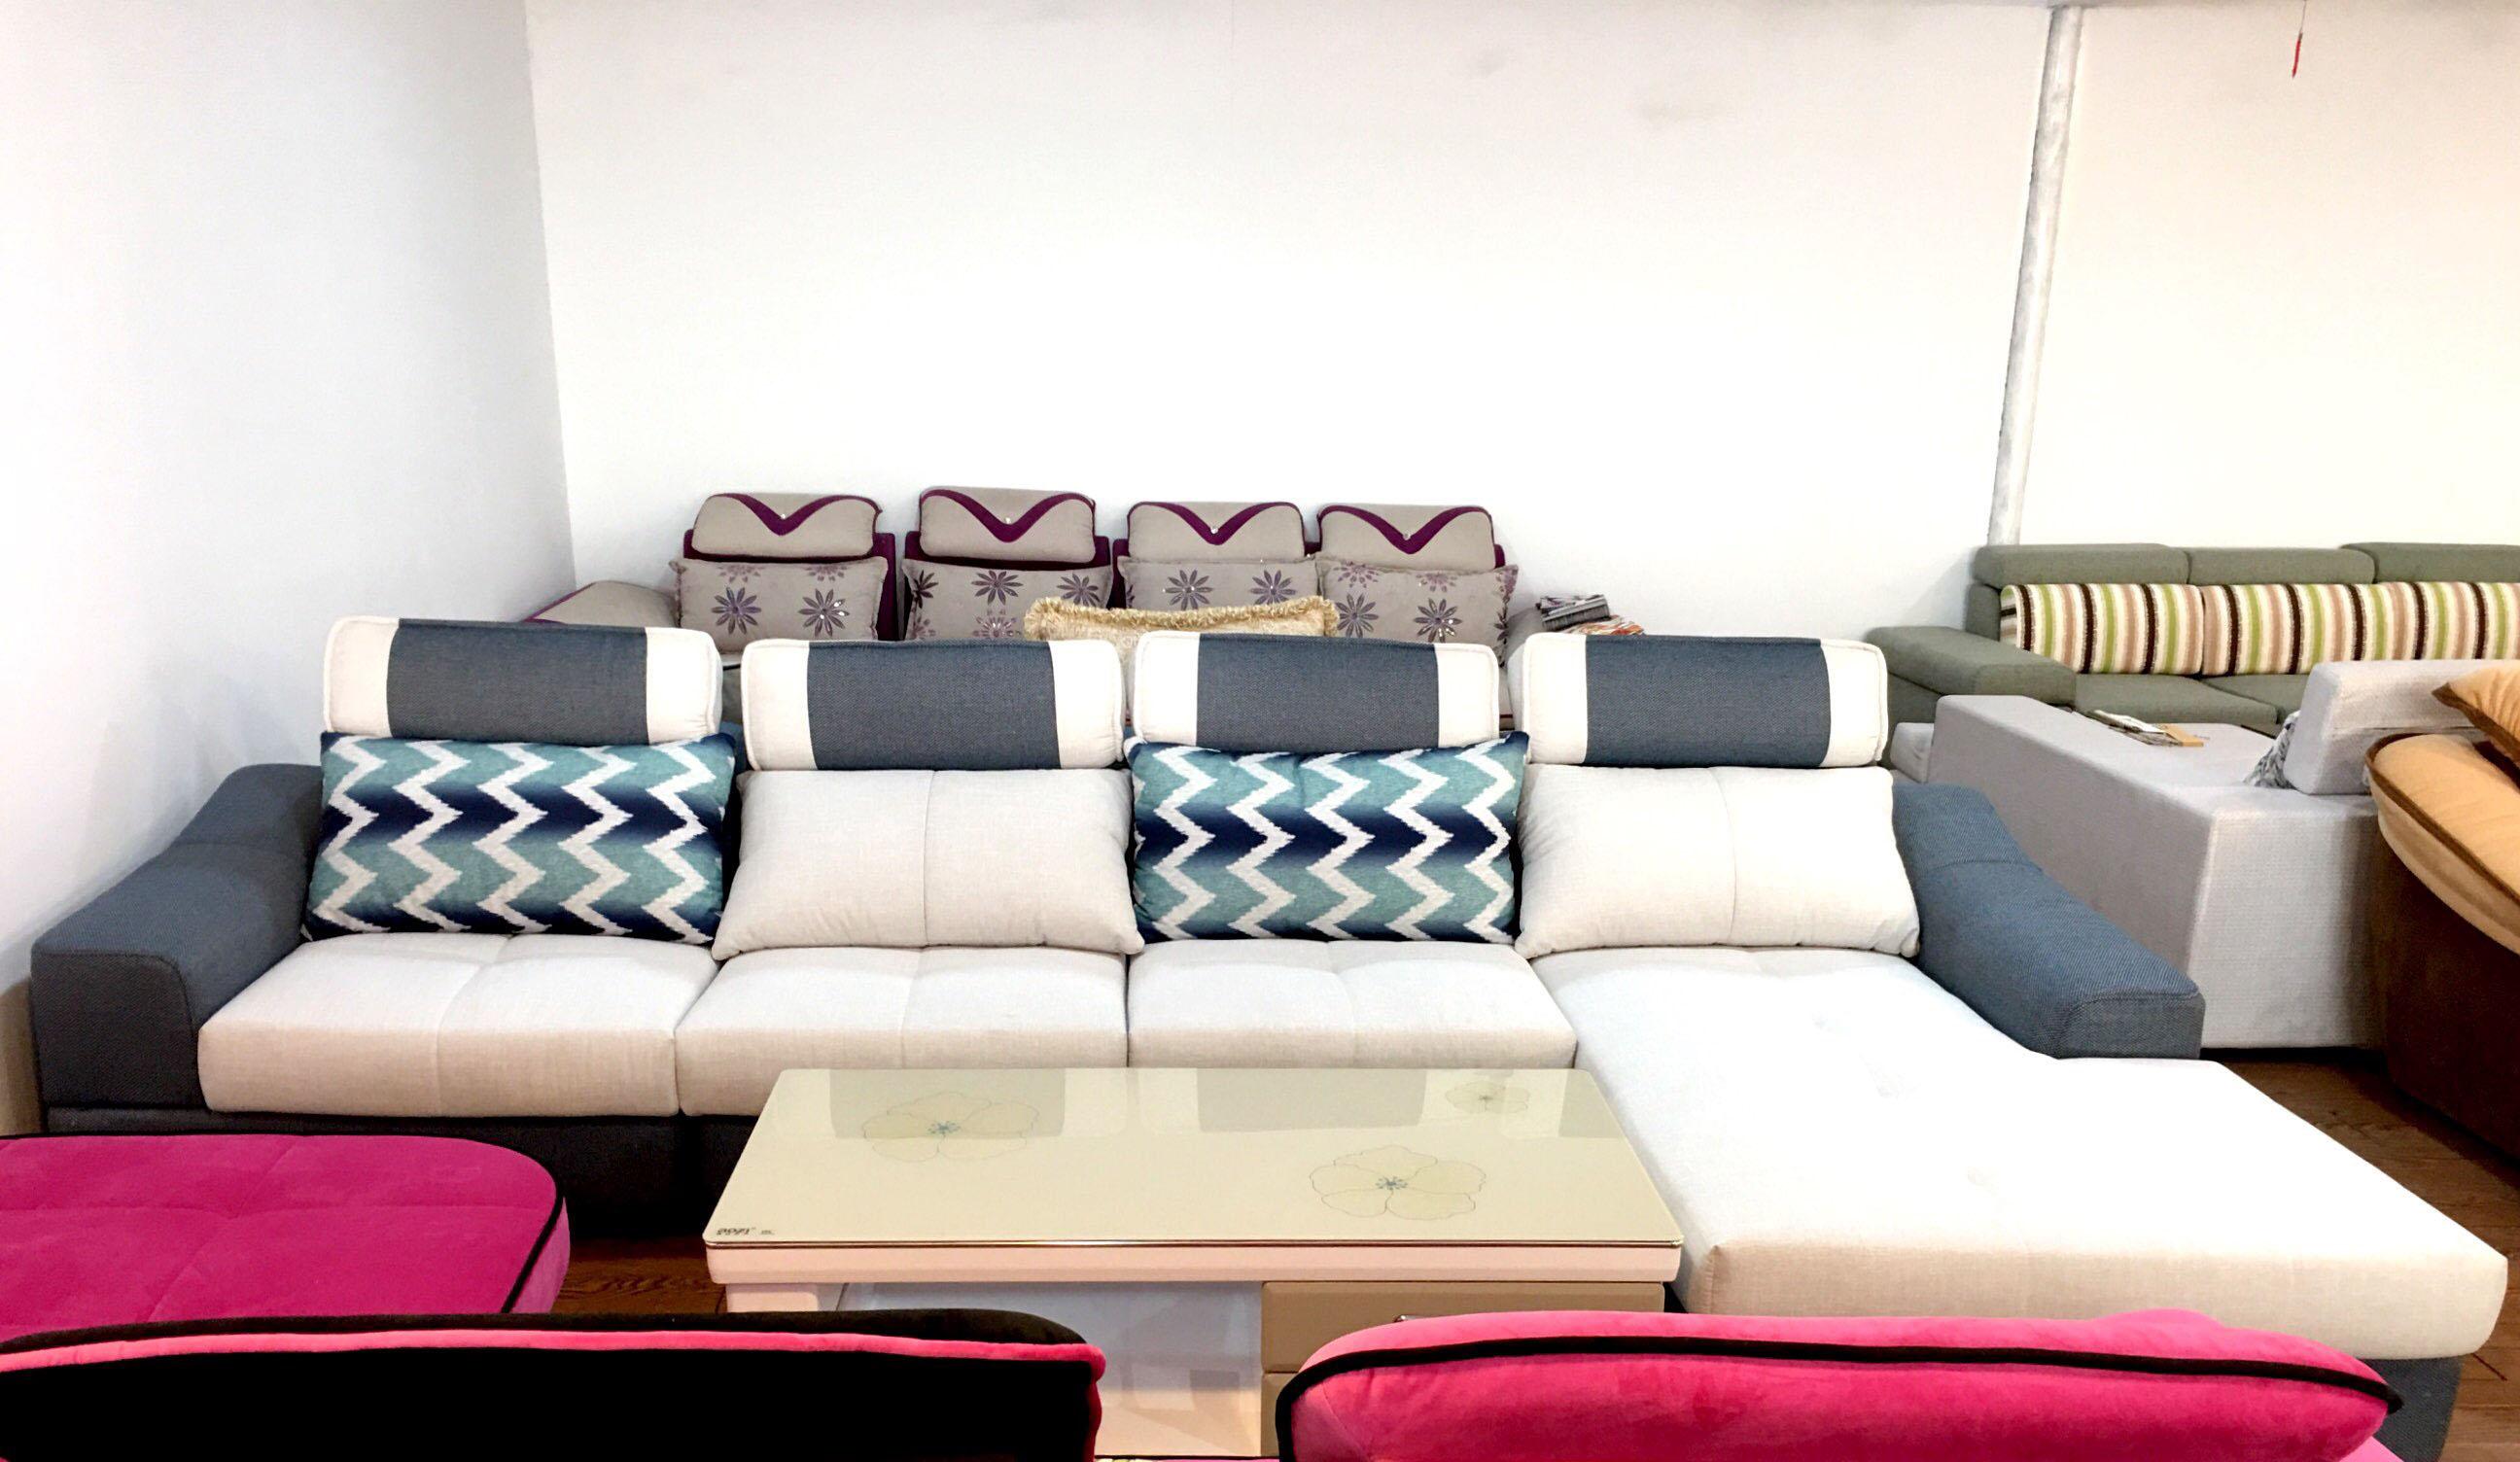 4,欧式布艺沙发: 款式比较大,有局限性,具有欧陆风格,一般都是仿照法